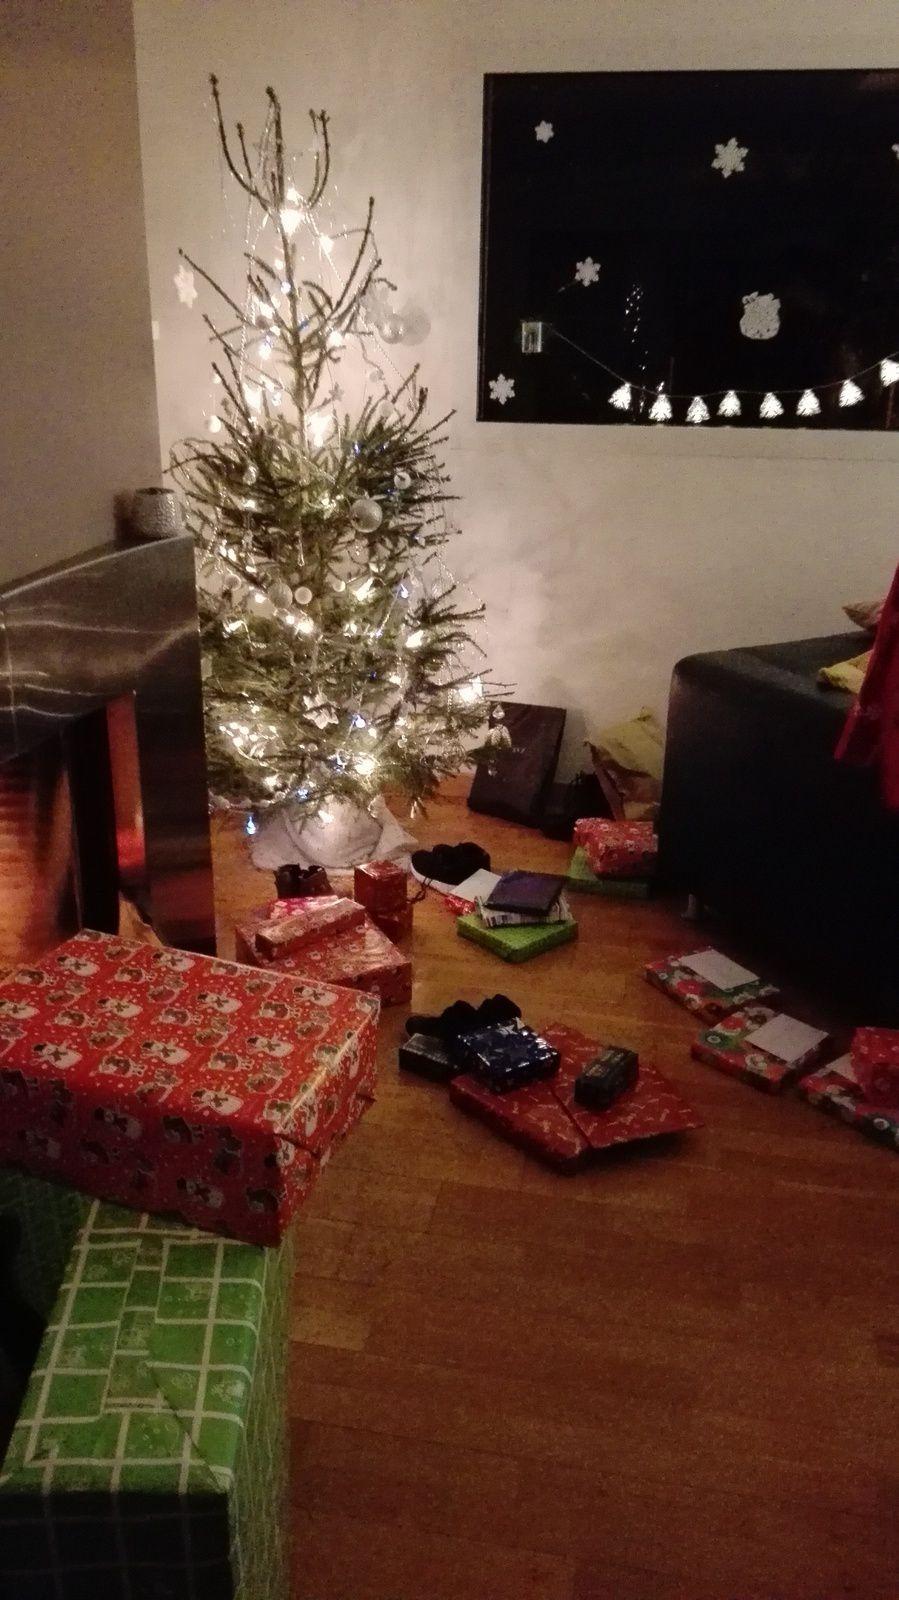 Noël round 2, en vrai il y aura eu 4 round de Noël